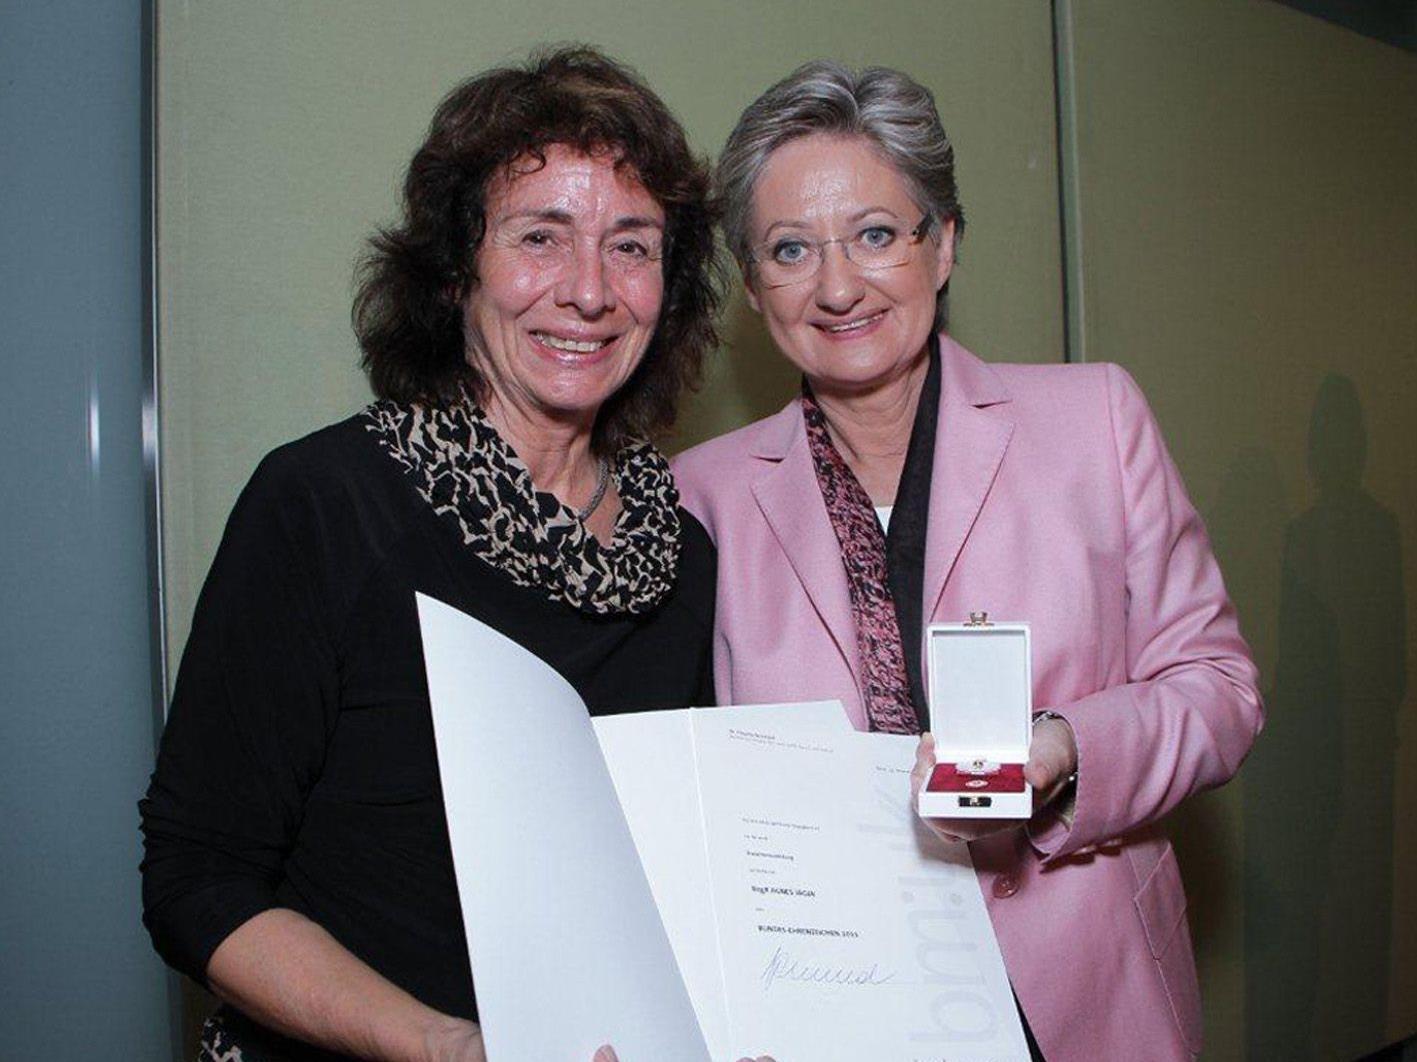 BM C. Schmied verlieh Agnes Jäger das Bundes-Ehrenzeichen für bes. Verdienste um das Gemeinwesen.